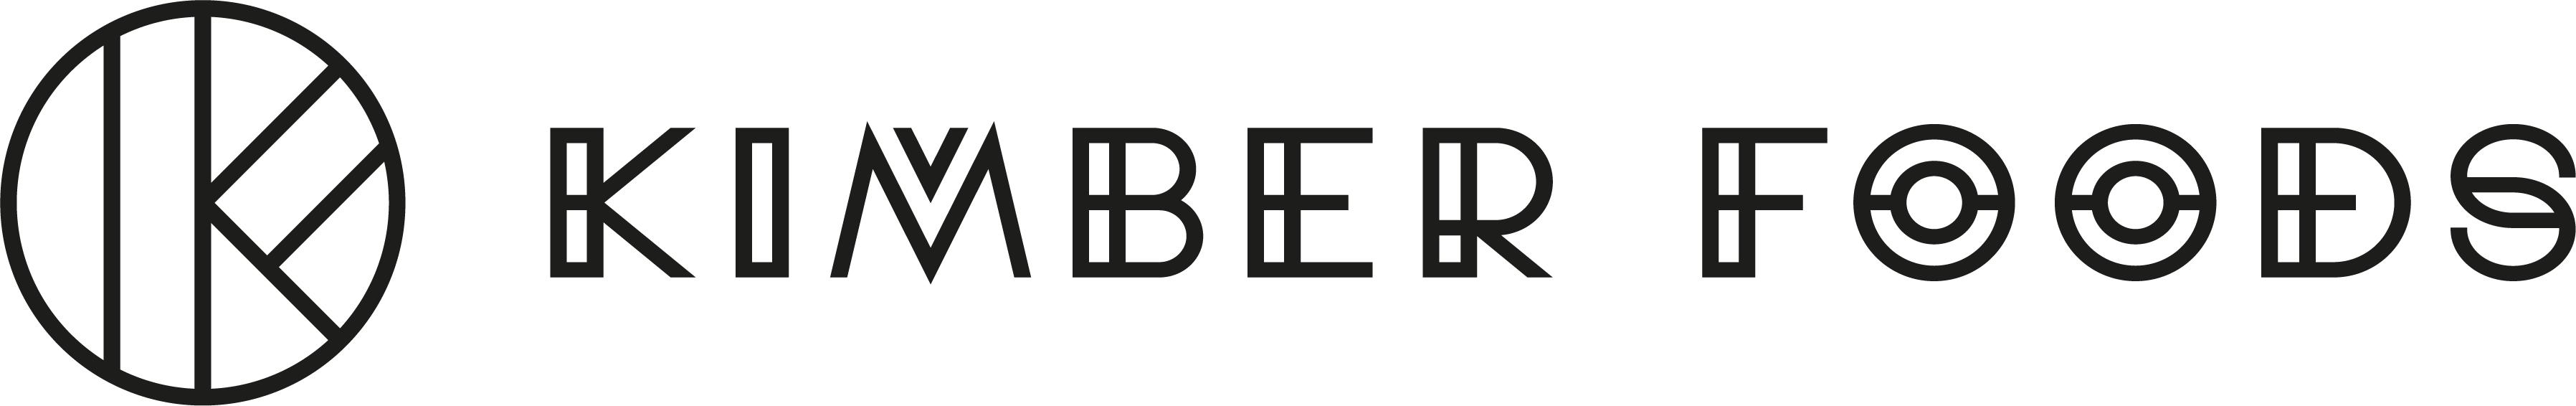 kimber Foods logo